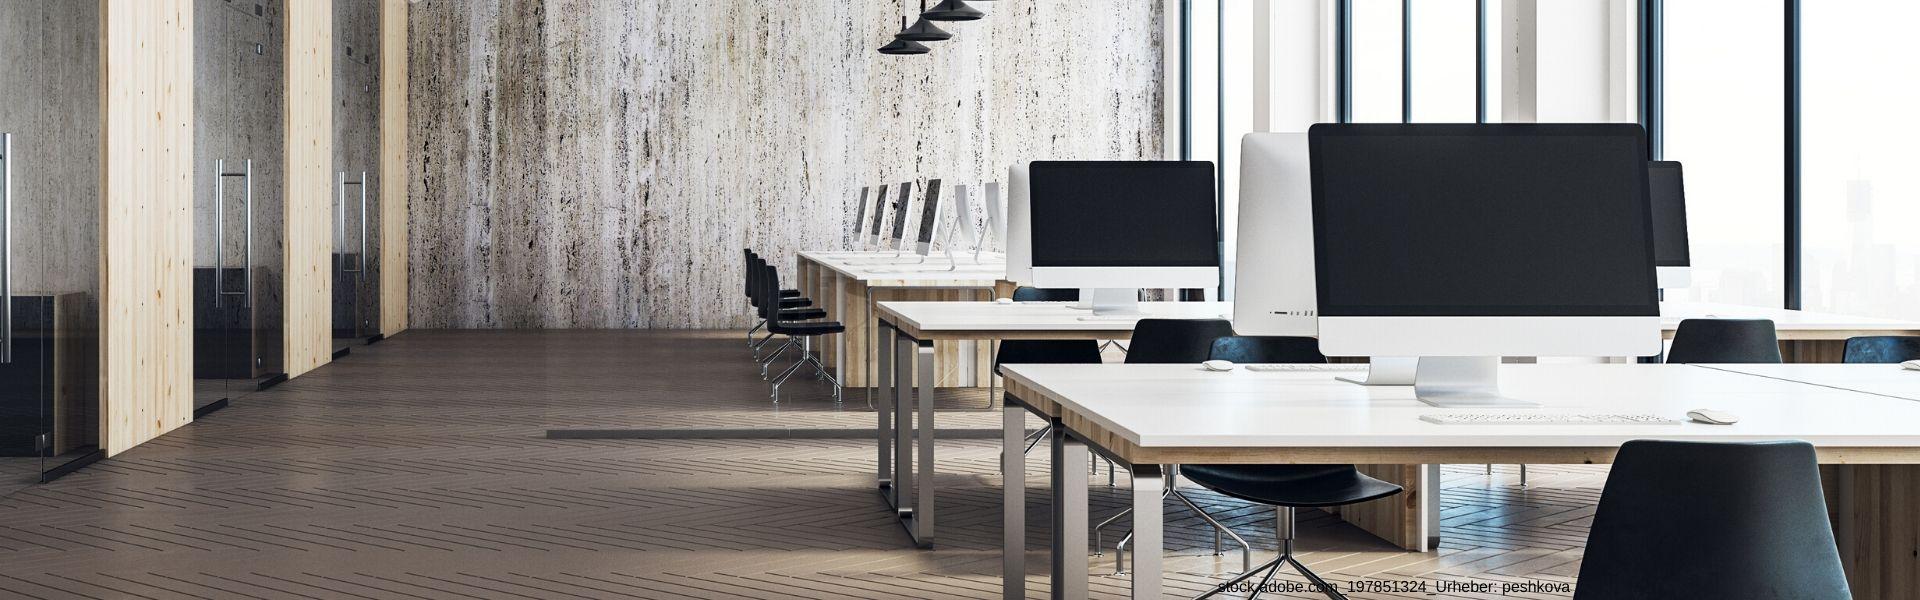 Ordnungswelten - So schaffst Du Ordnung im Büro